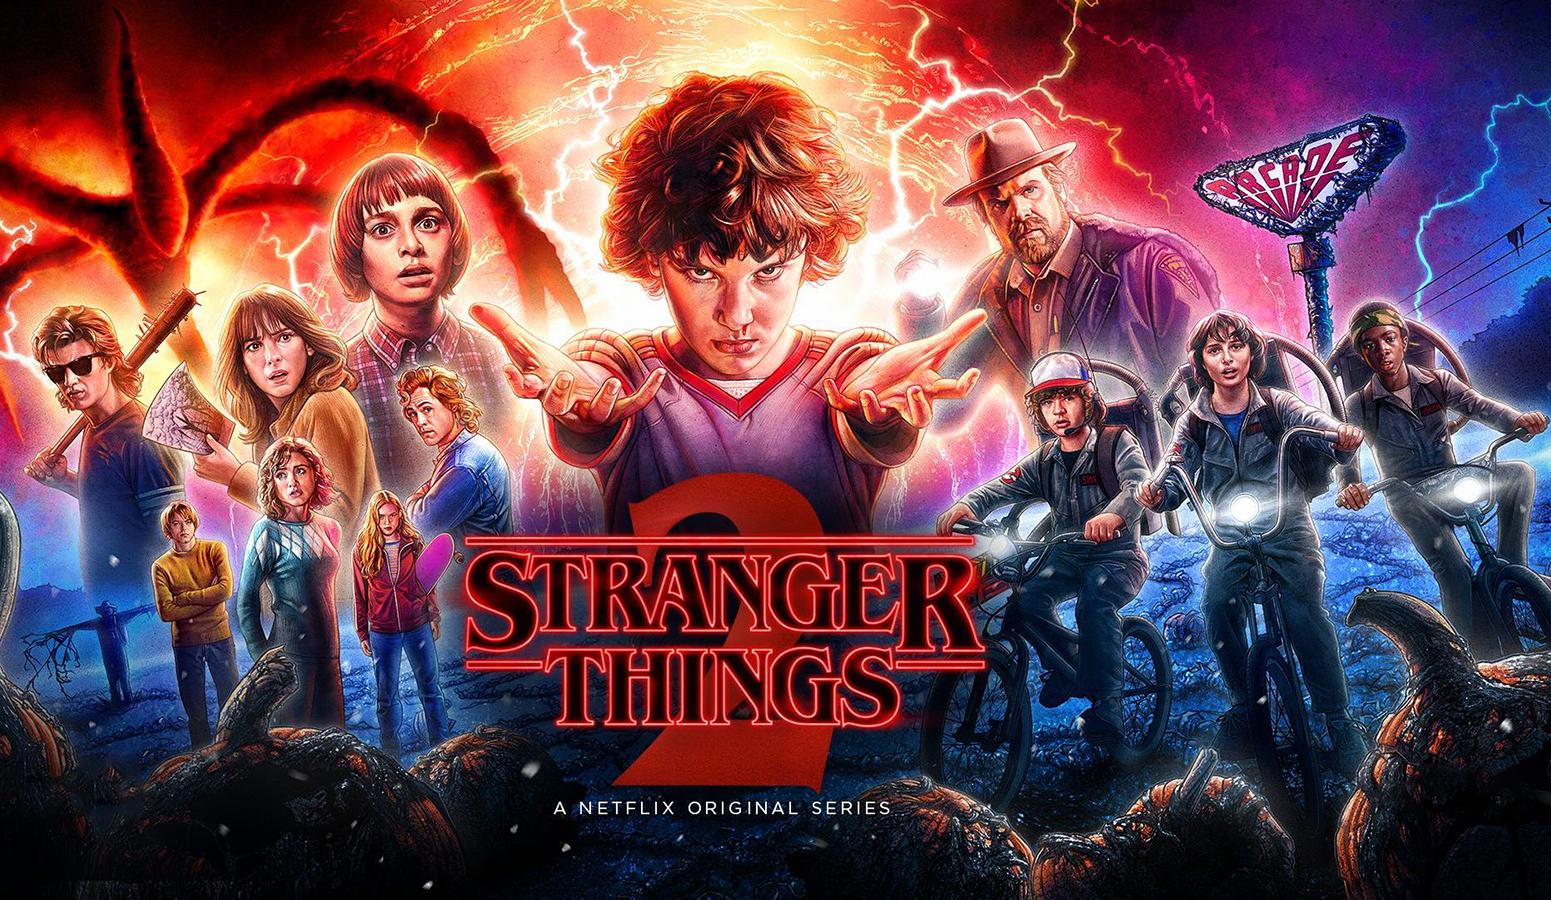 بهترین شخصیتهای فصل دوم Stranger Things